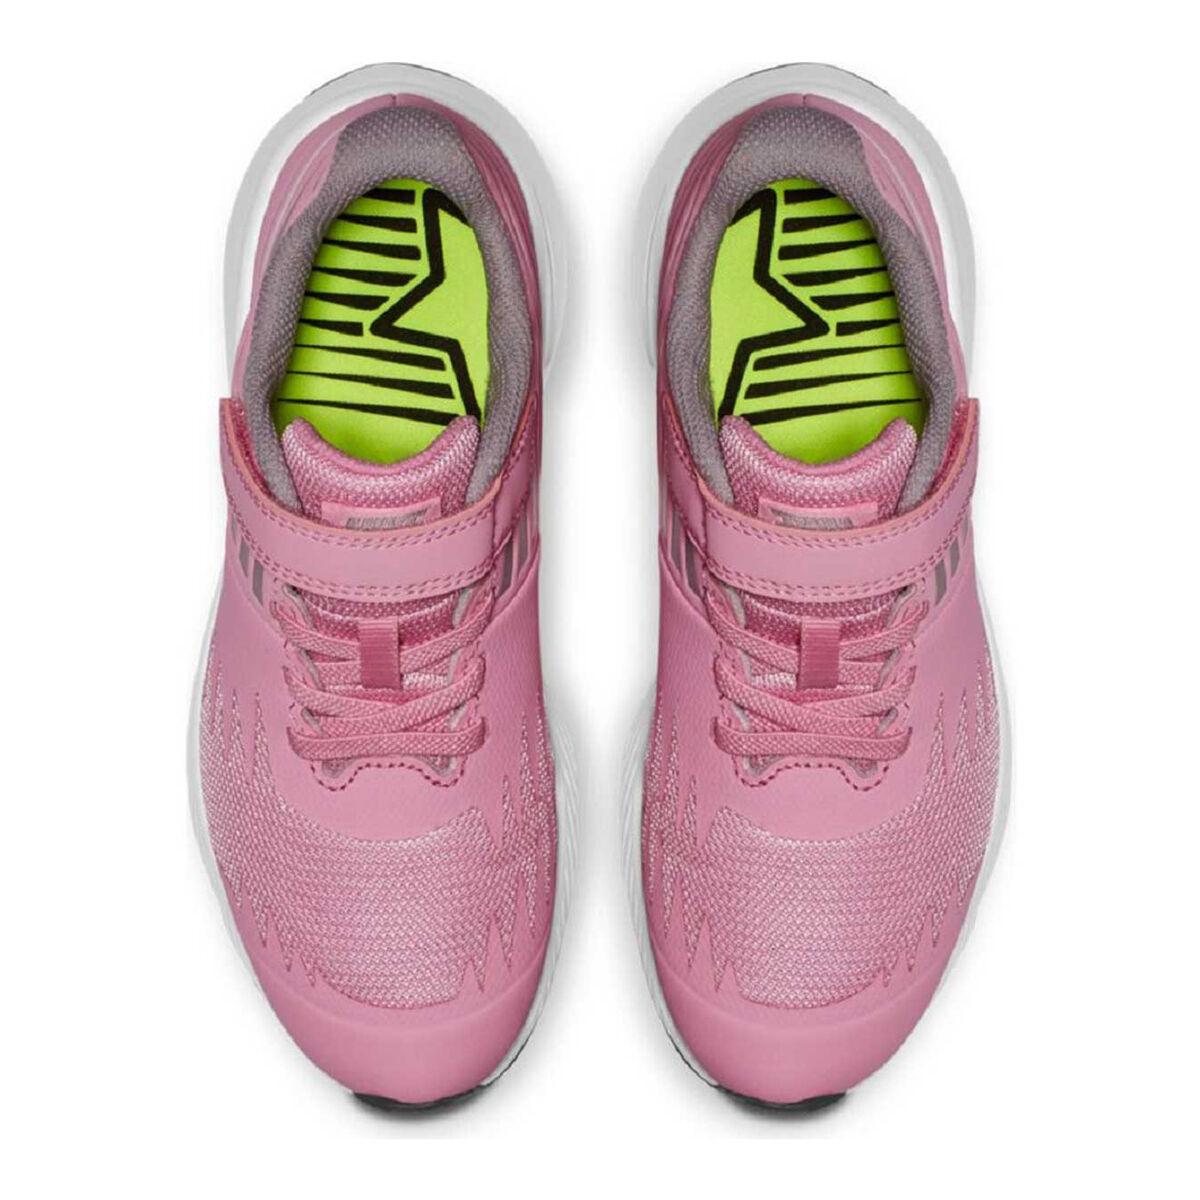 Nike Star Runner Kids Running Shoes Pink Grey US 3